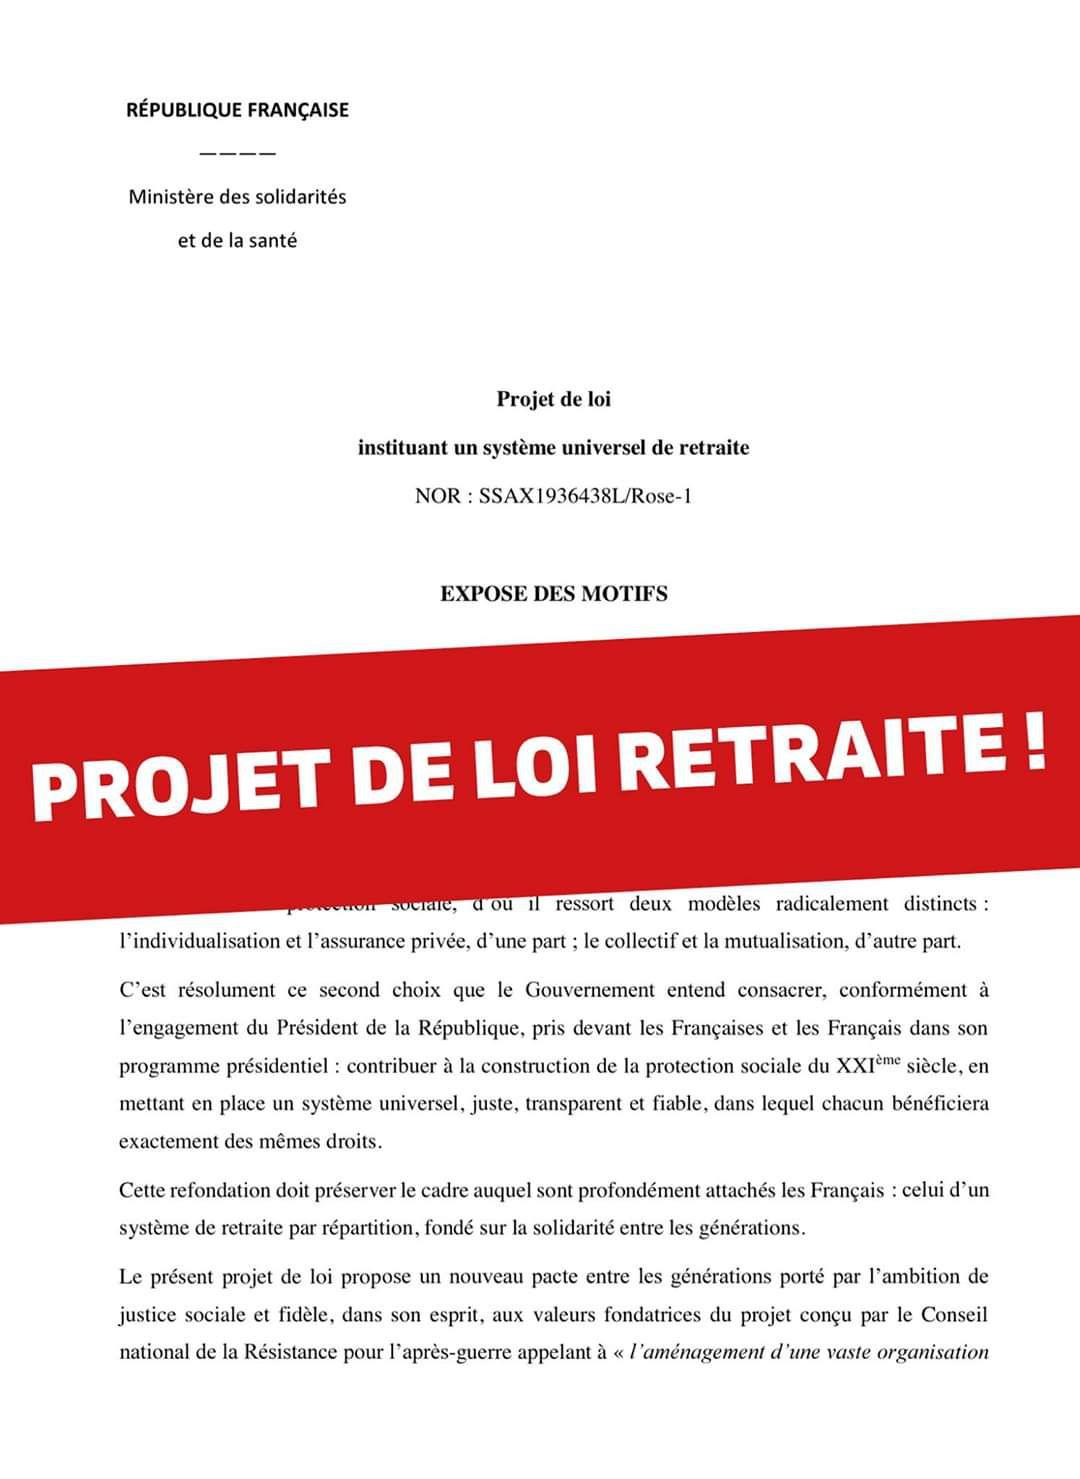 LE PROJET DE LOI RETRAITE !